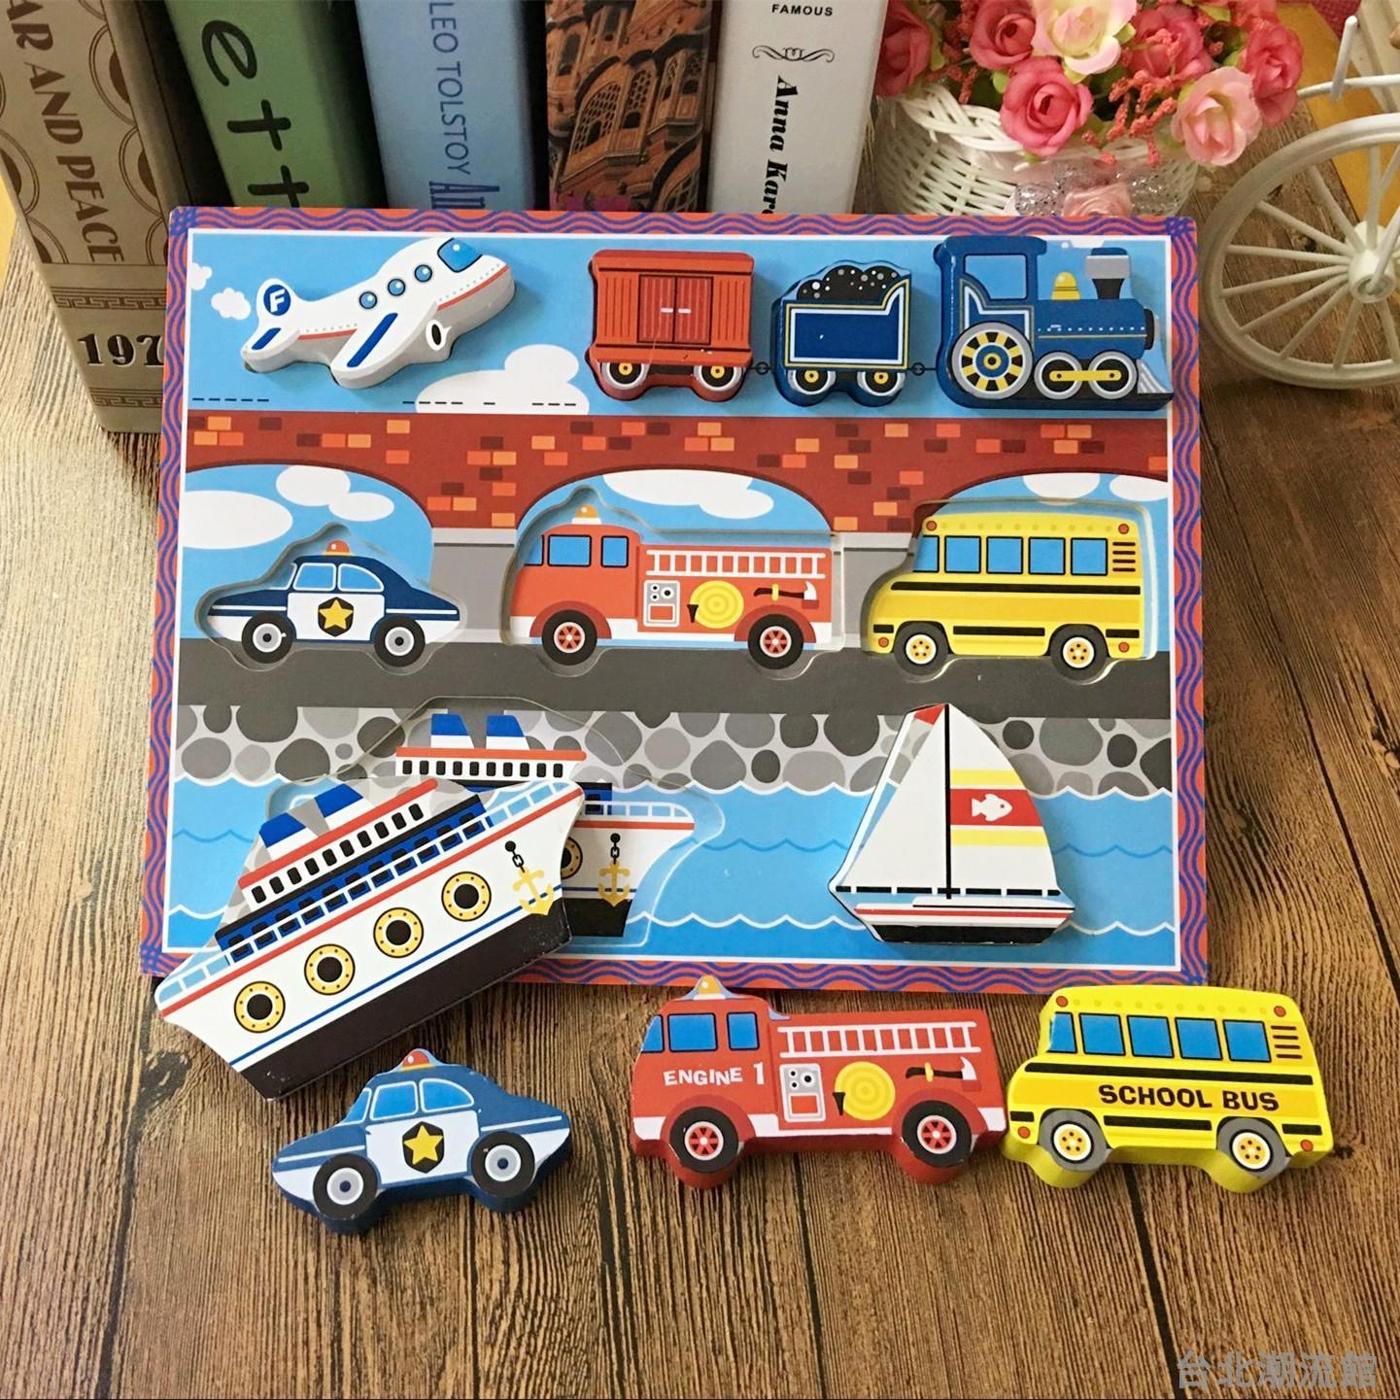 寶寶兒童益智木制玩具立體卡通拼圖動物交通汽車拼板手抓板1-3歲